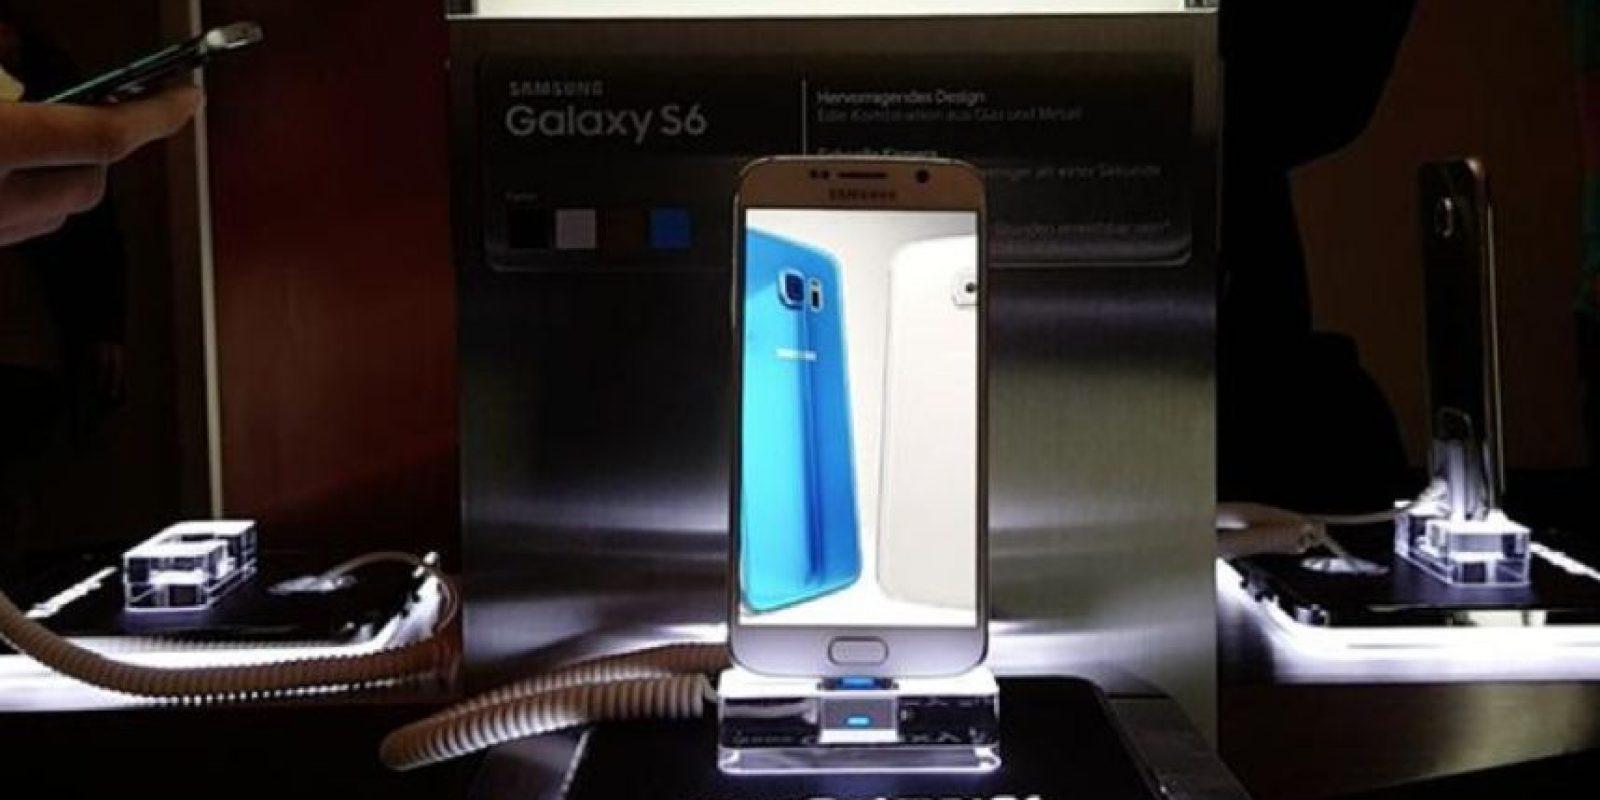 Su cuerpo se compone de aluminio de alta durabilidad. Foto:twitter.com/SamsungMobile